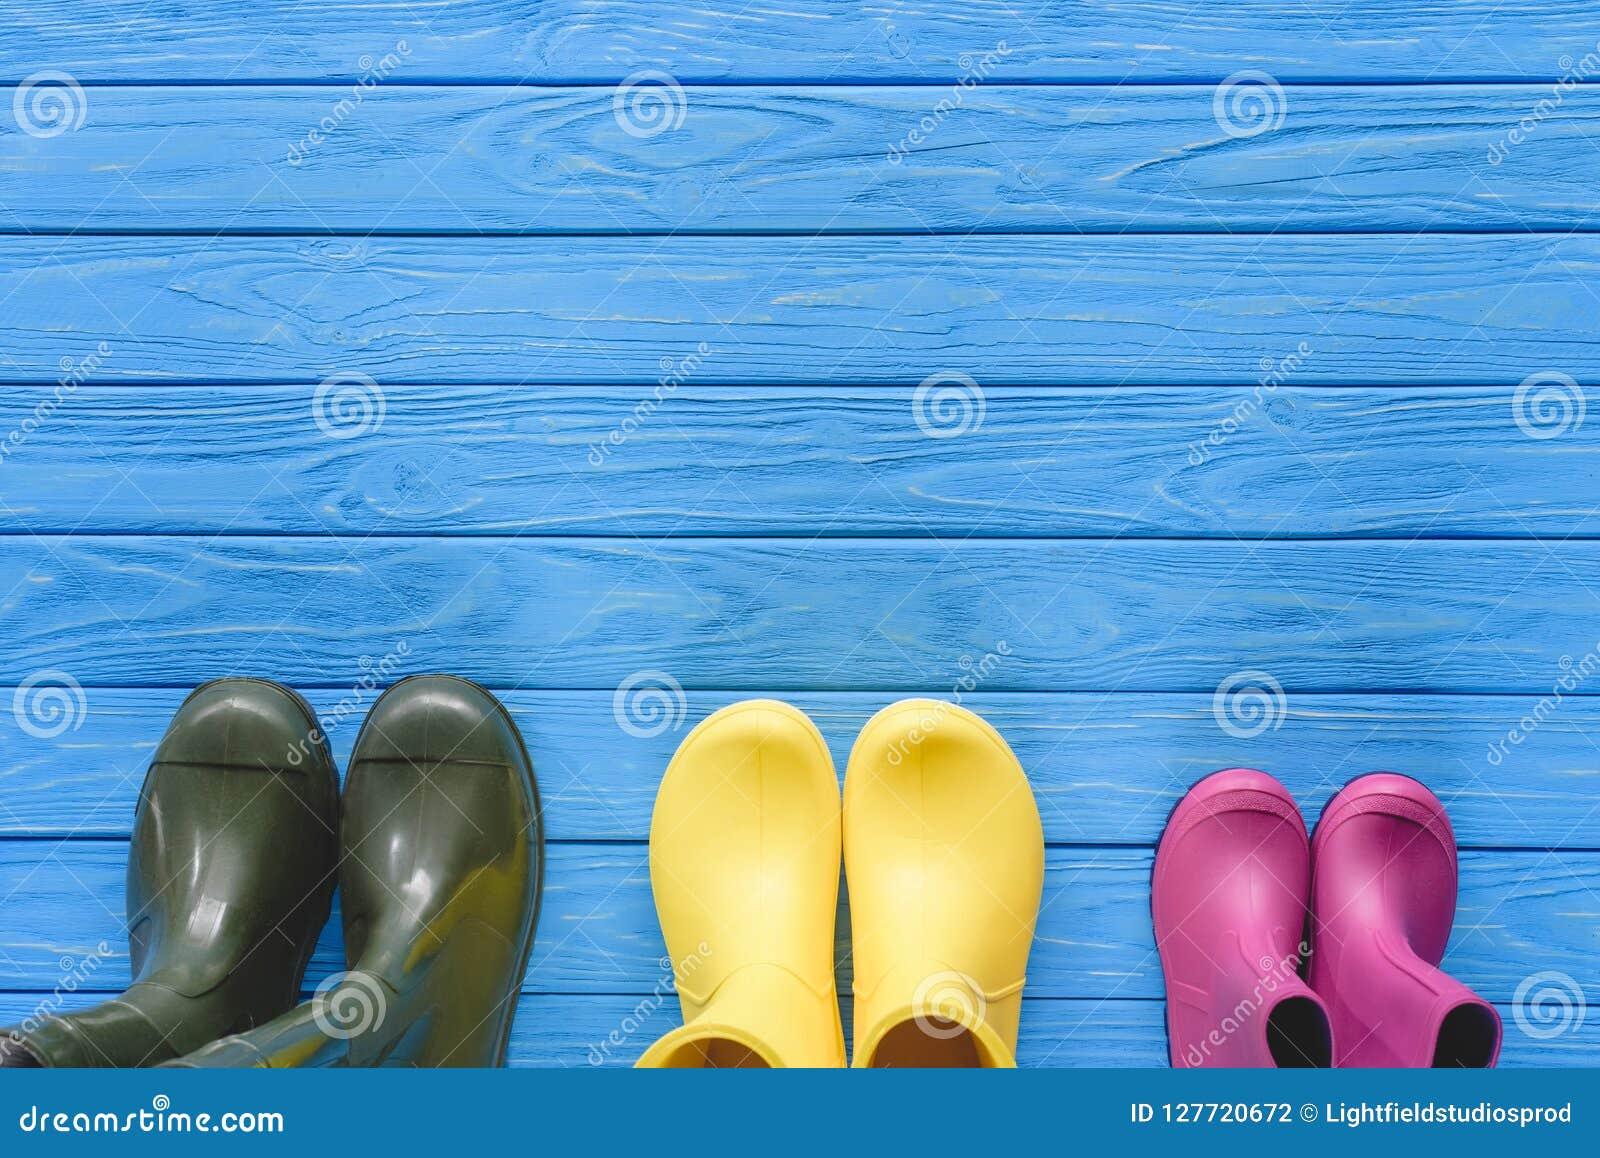 boots fila azul marino